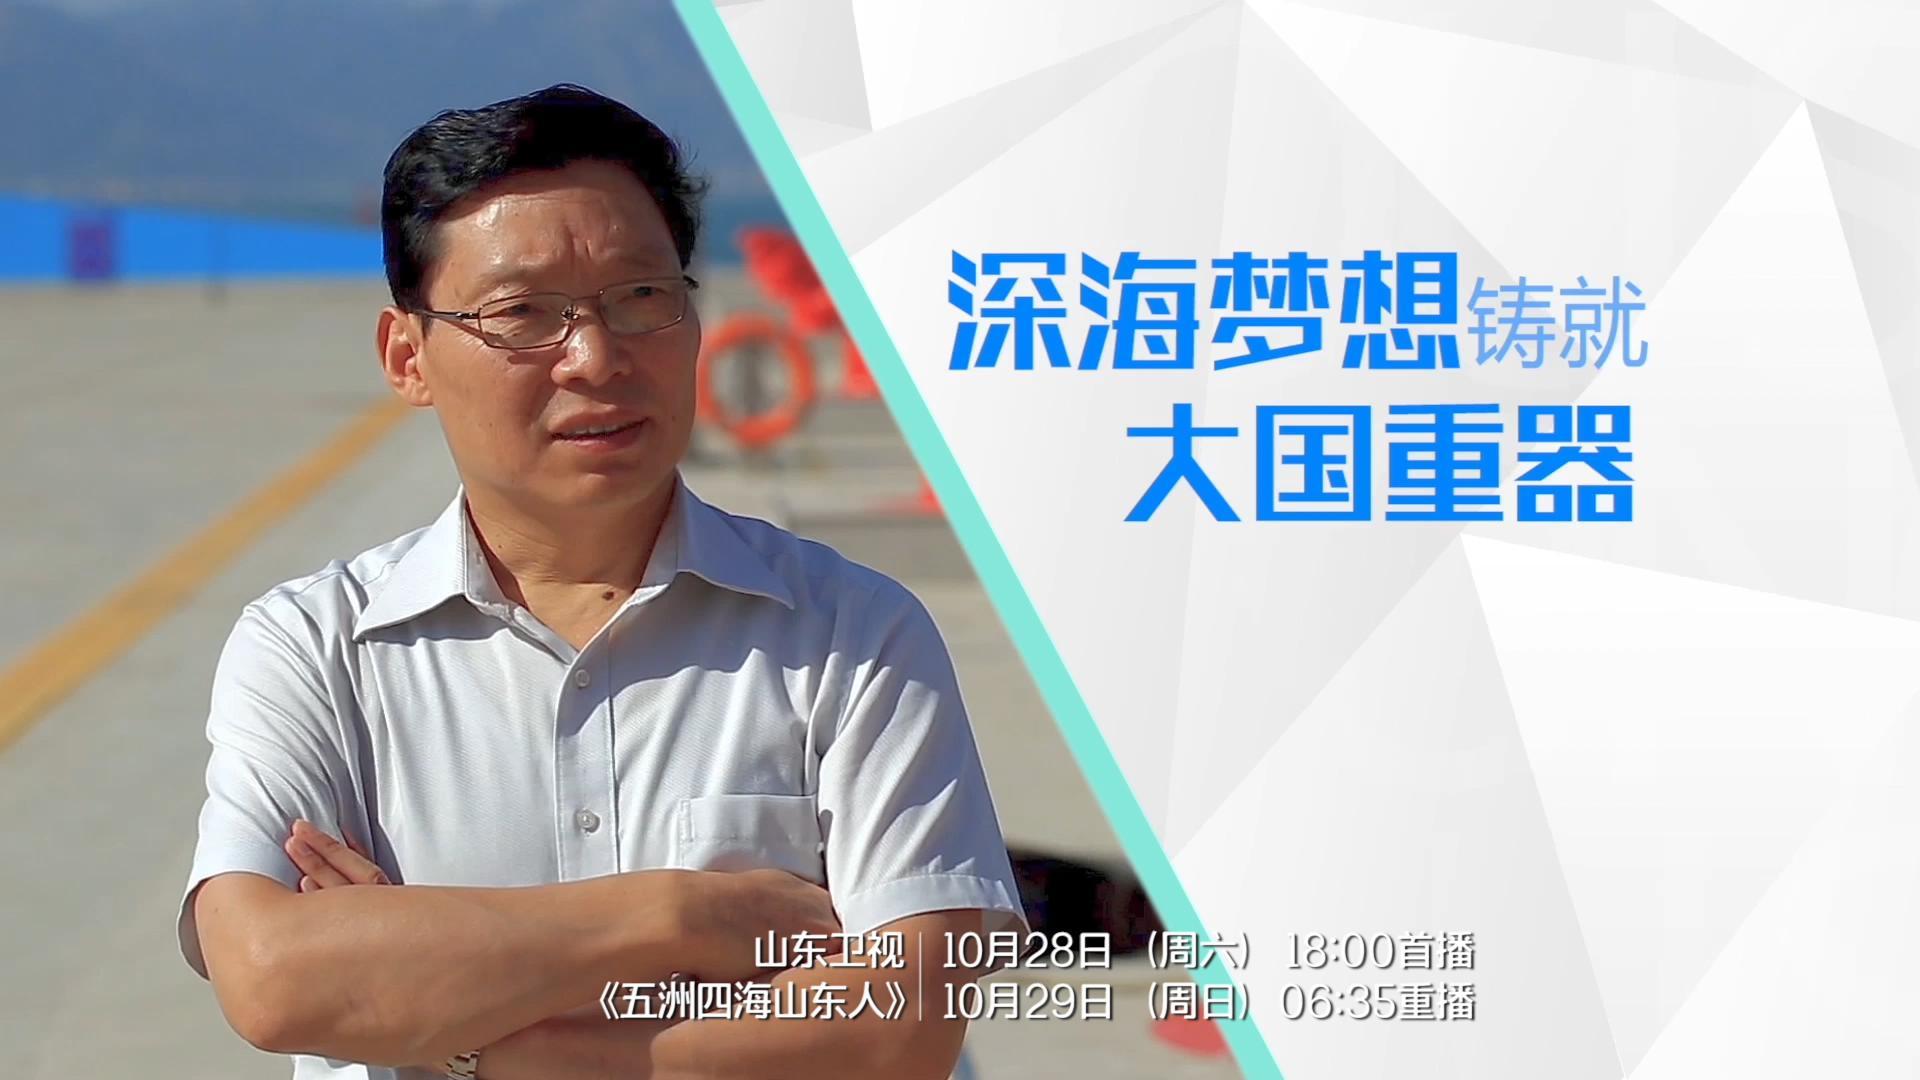 刘峰|深海梦想铸就大国重器